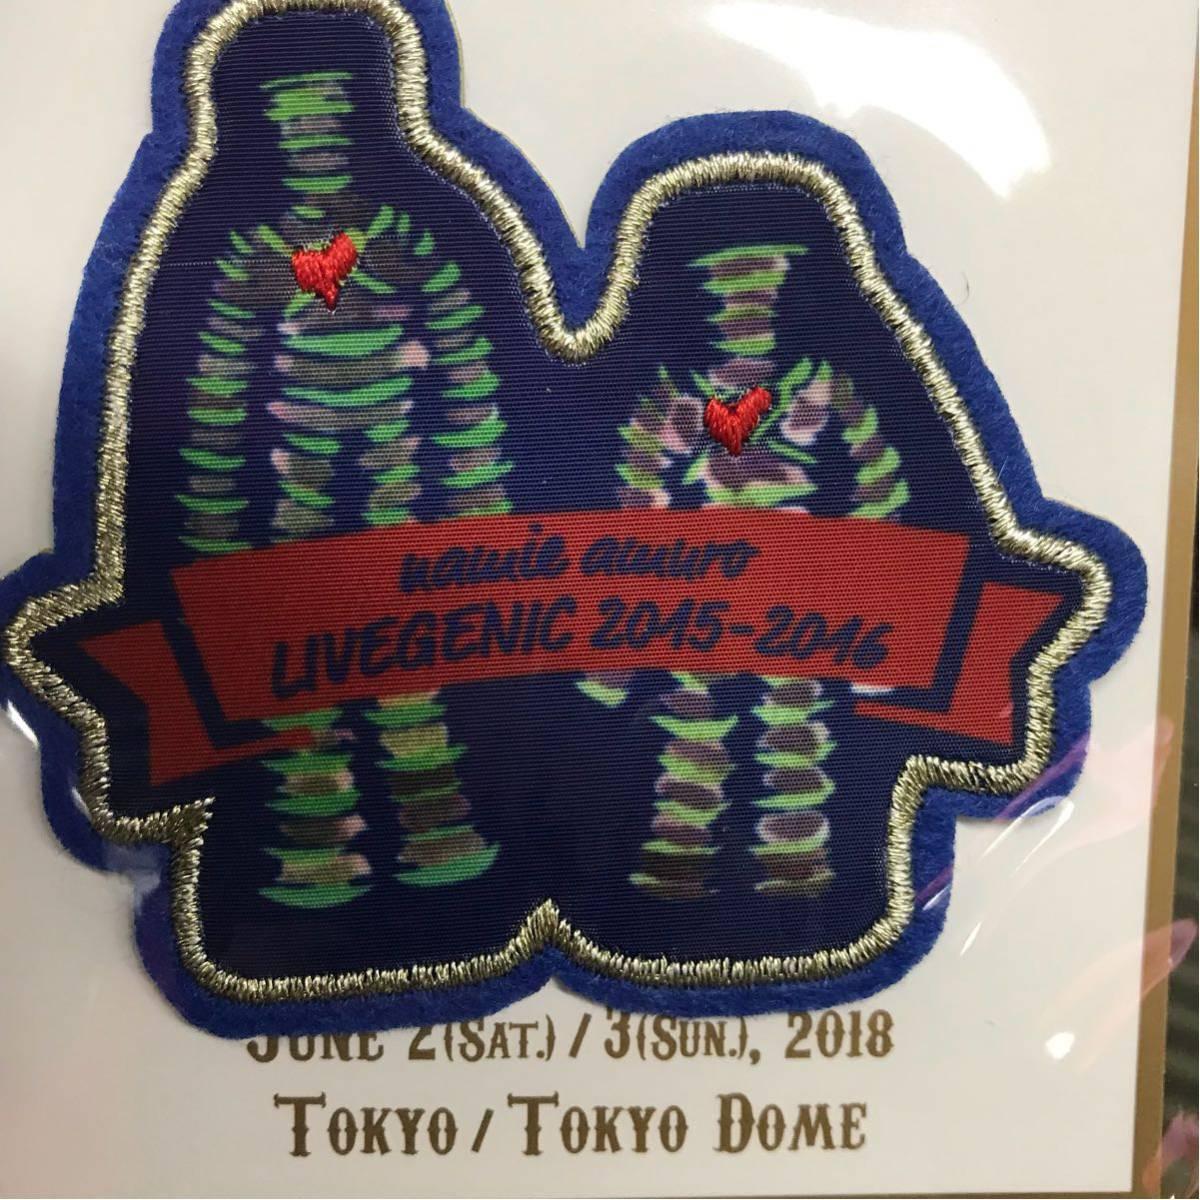 安室奈美恵 finally ツアーグッズ ワッペン 東京 安室ちゃん 刺繍ワッペン 東京ドーム 最終_画像1